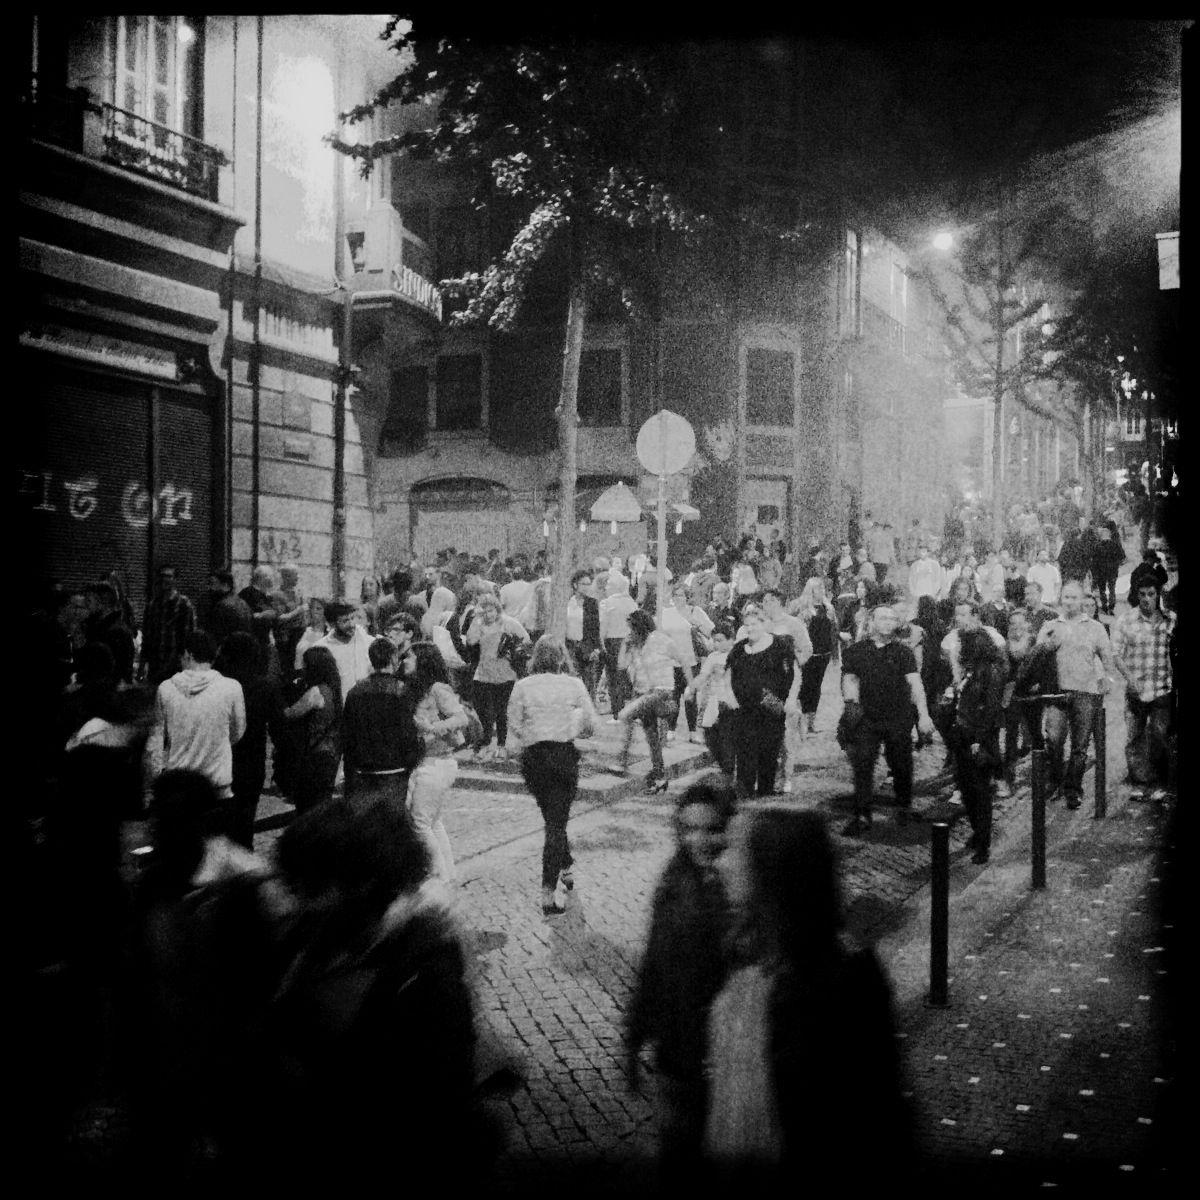 Die Menschen feiern auf der Straße - James Murphy von LCD Soundsystem hätte seinen Spaß